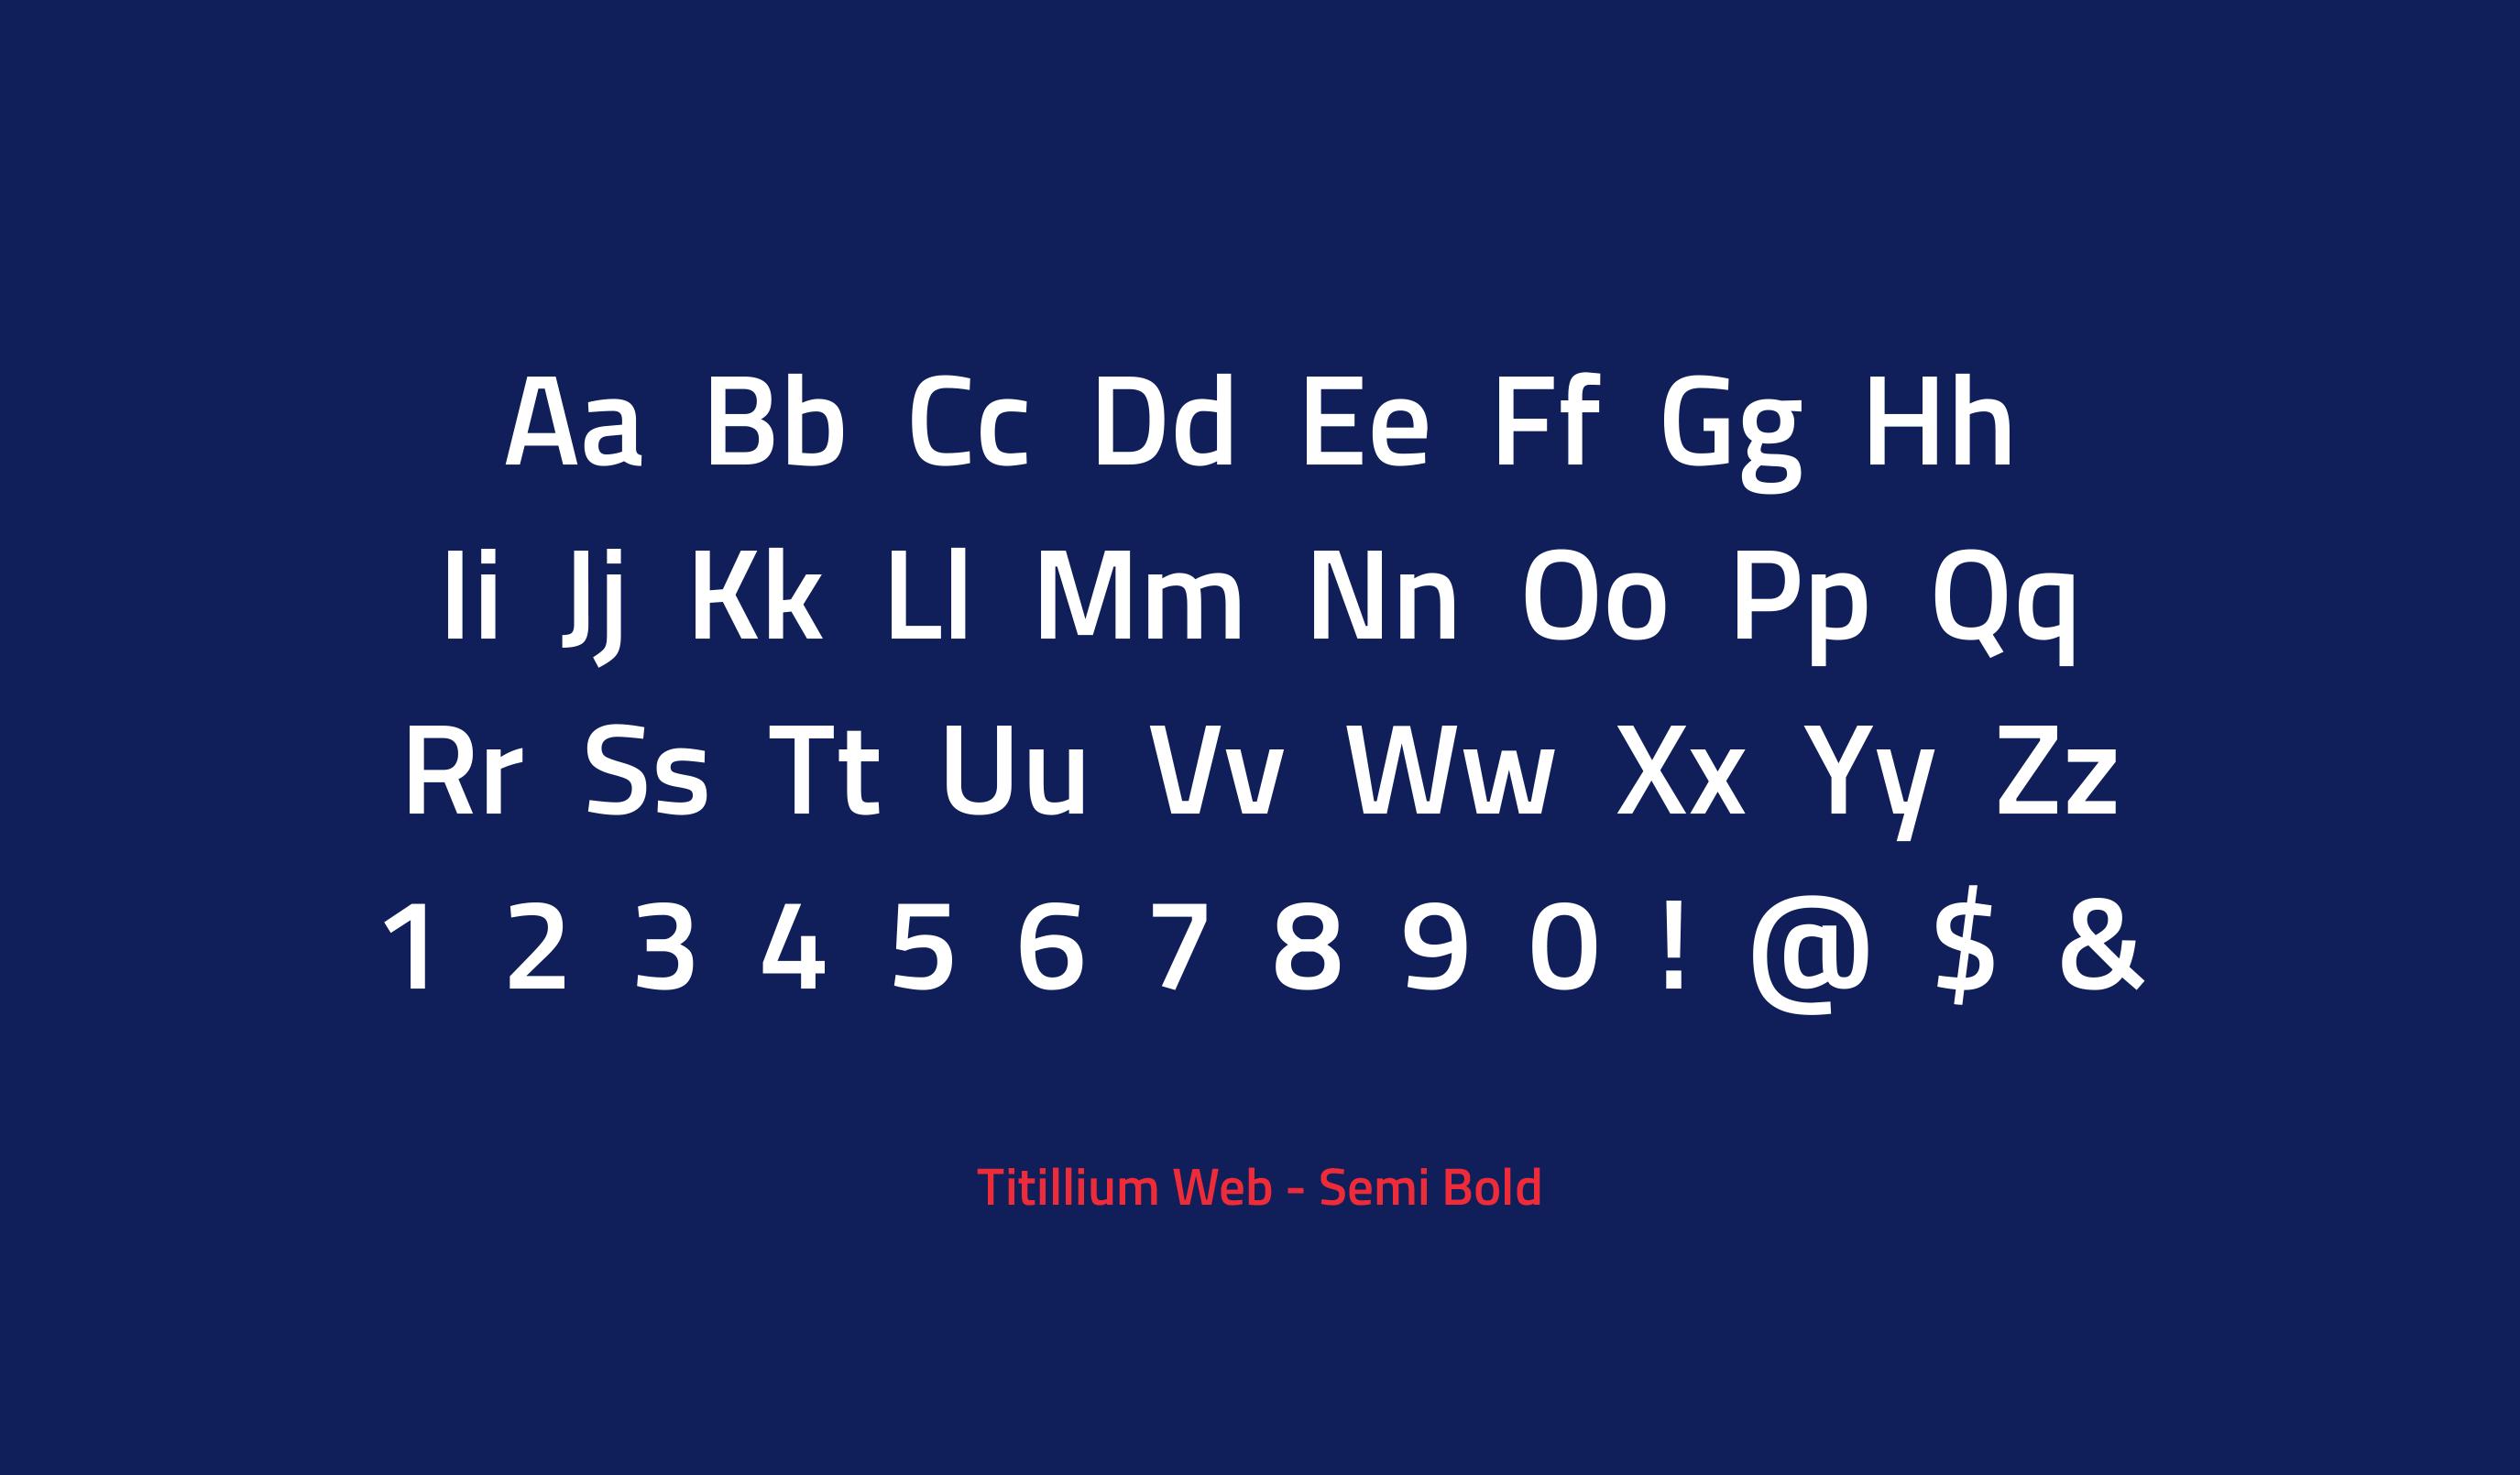 Fintech type design